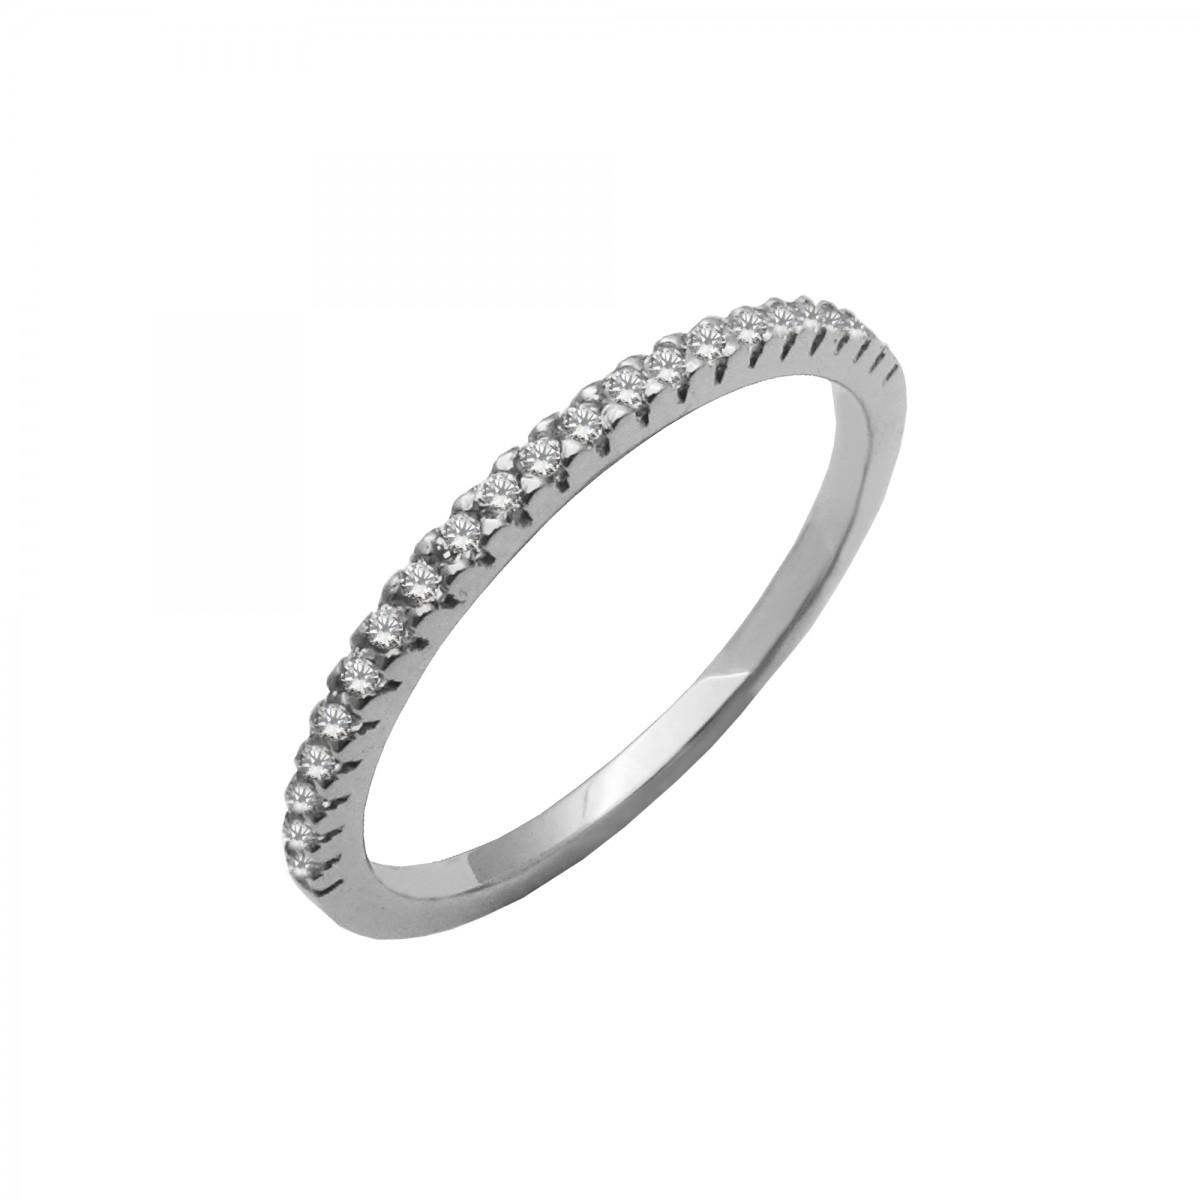 Δαχτυλίδι γυναικείο λευκόχρυσο 14 καράτια - 85€ 0da310053f3